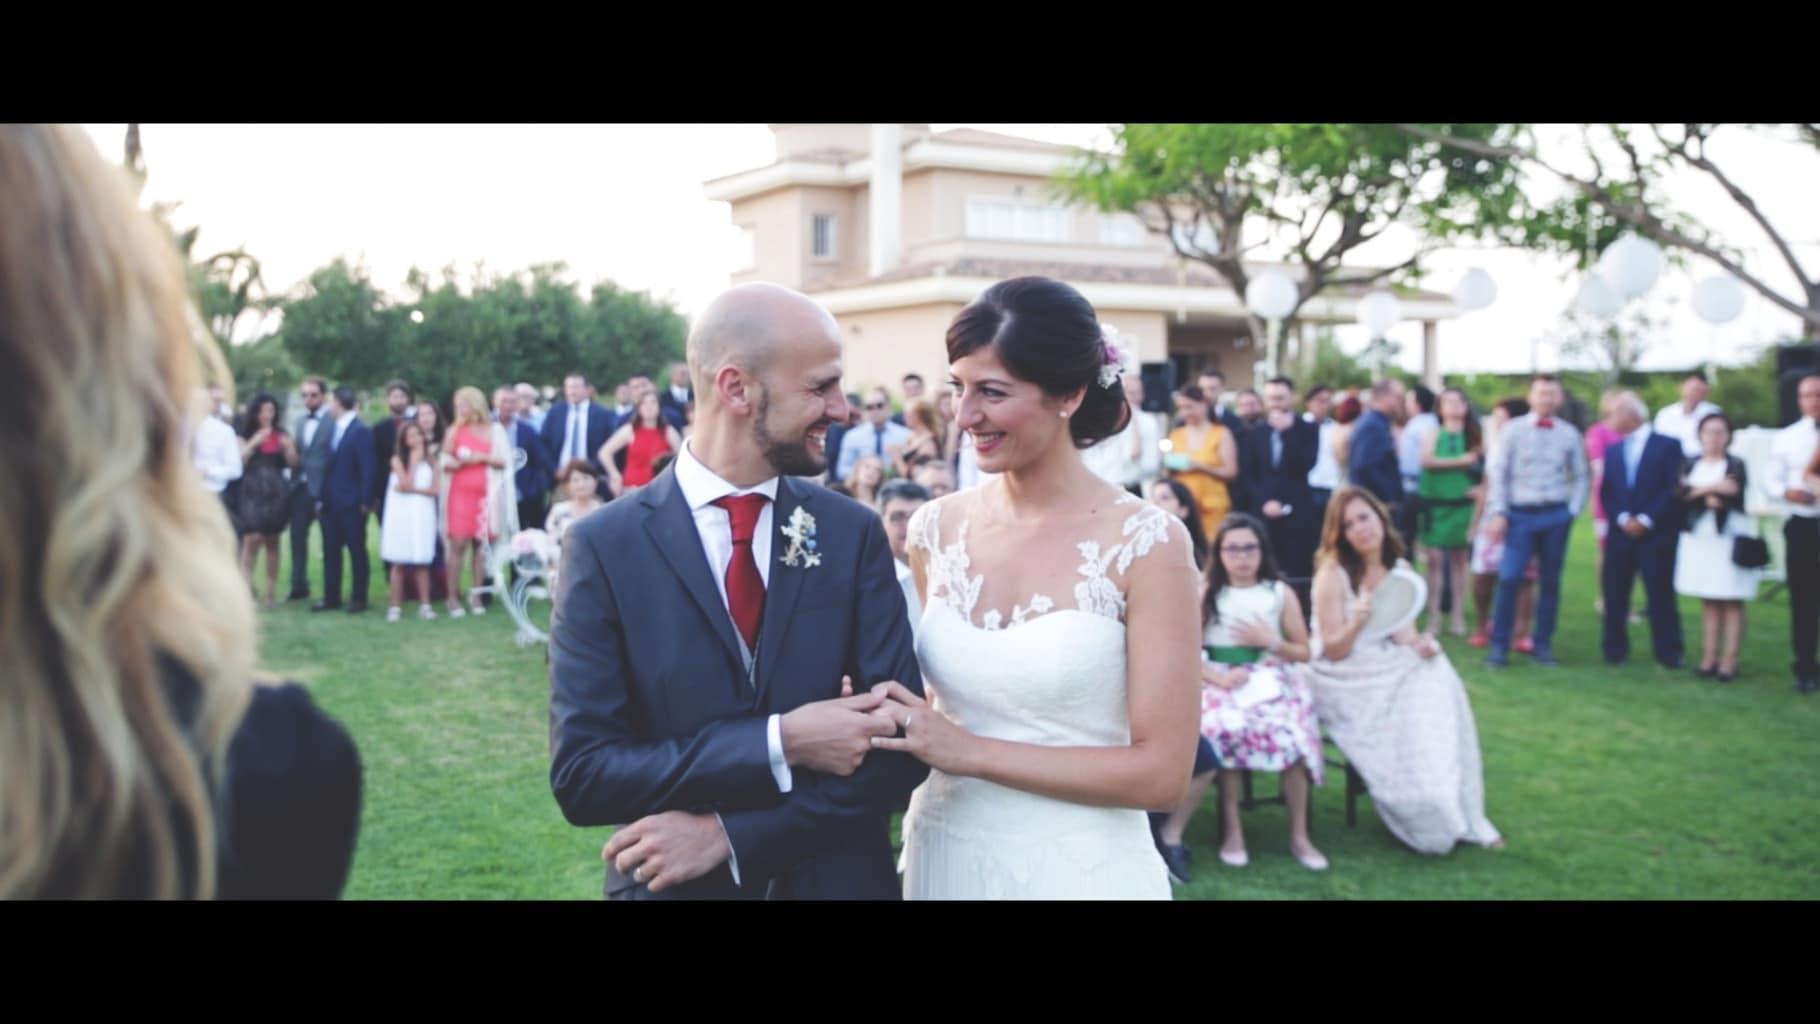 fotografía pareja boda entre invitados